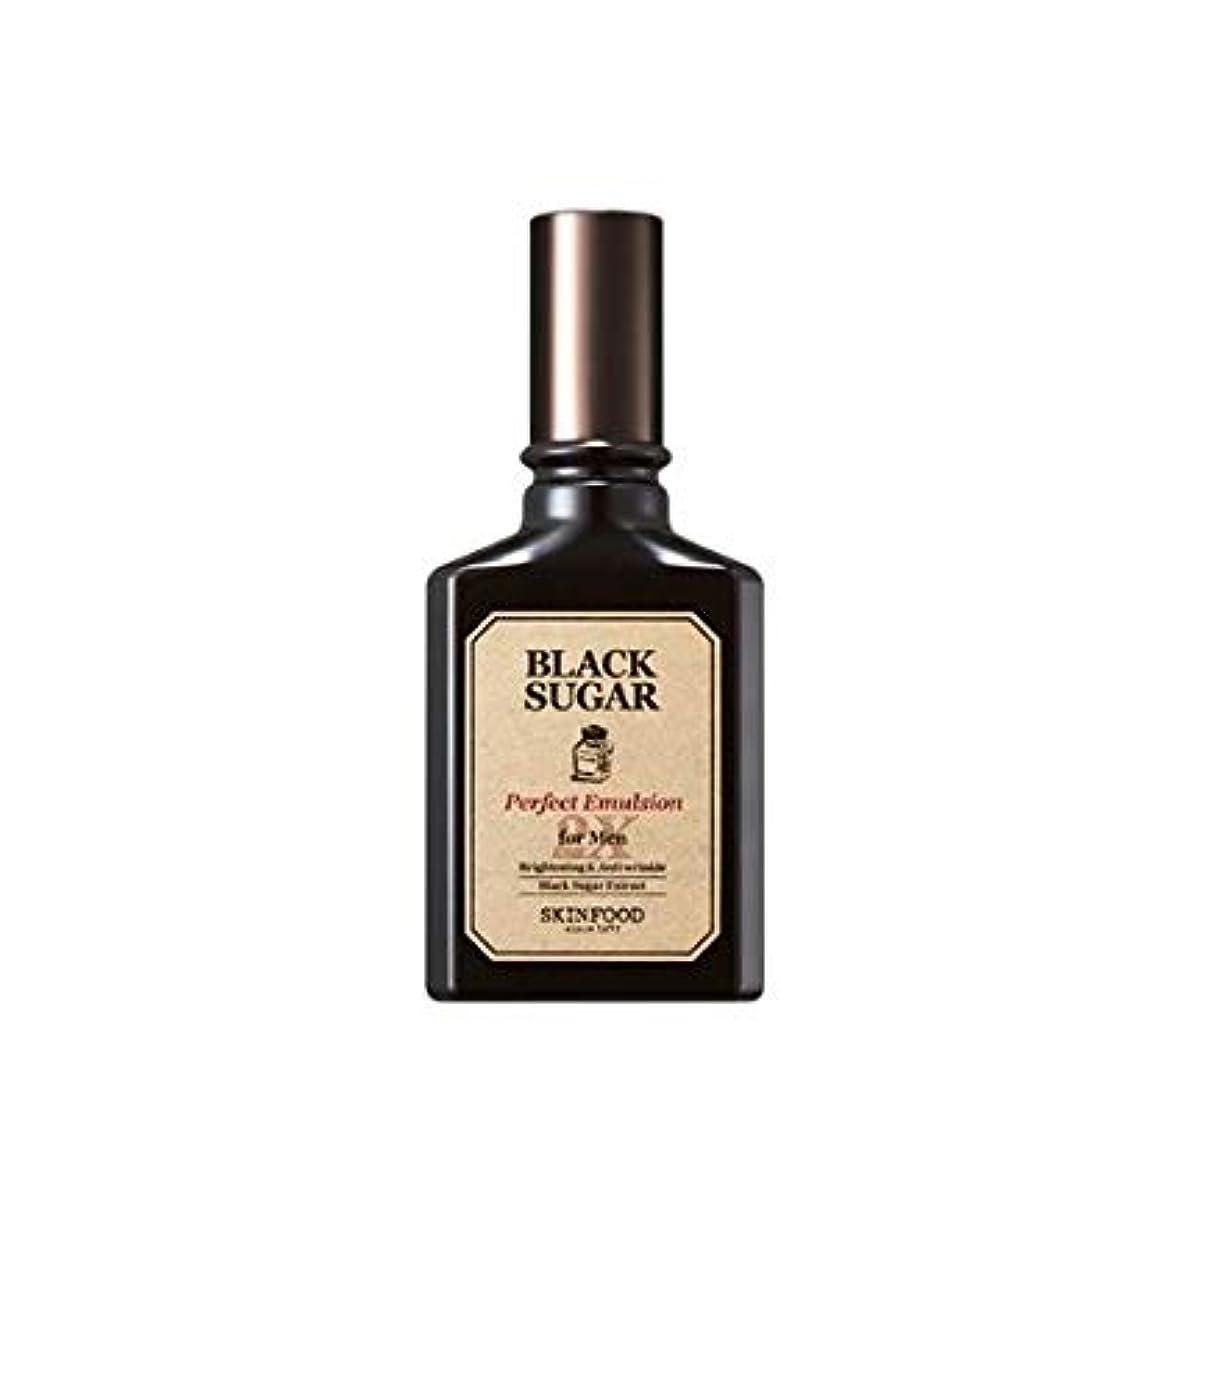 シェフマラソンとんでもないSkinfood 男性用ブラックシュガーパーフェクトエマルジョン2X / Black Sugar Perfect Emulsion 2X for Men 150ml [並行輸入品]